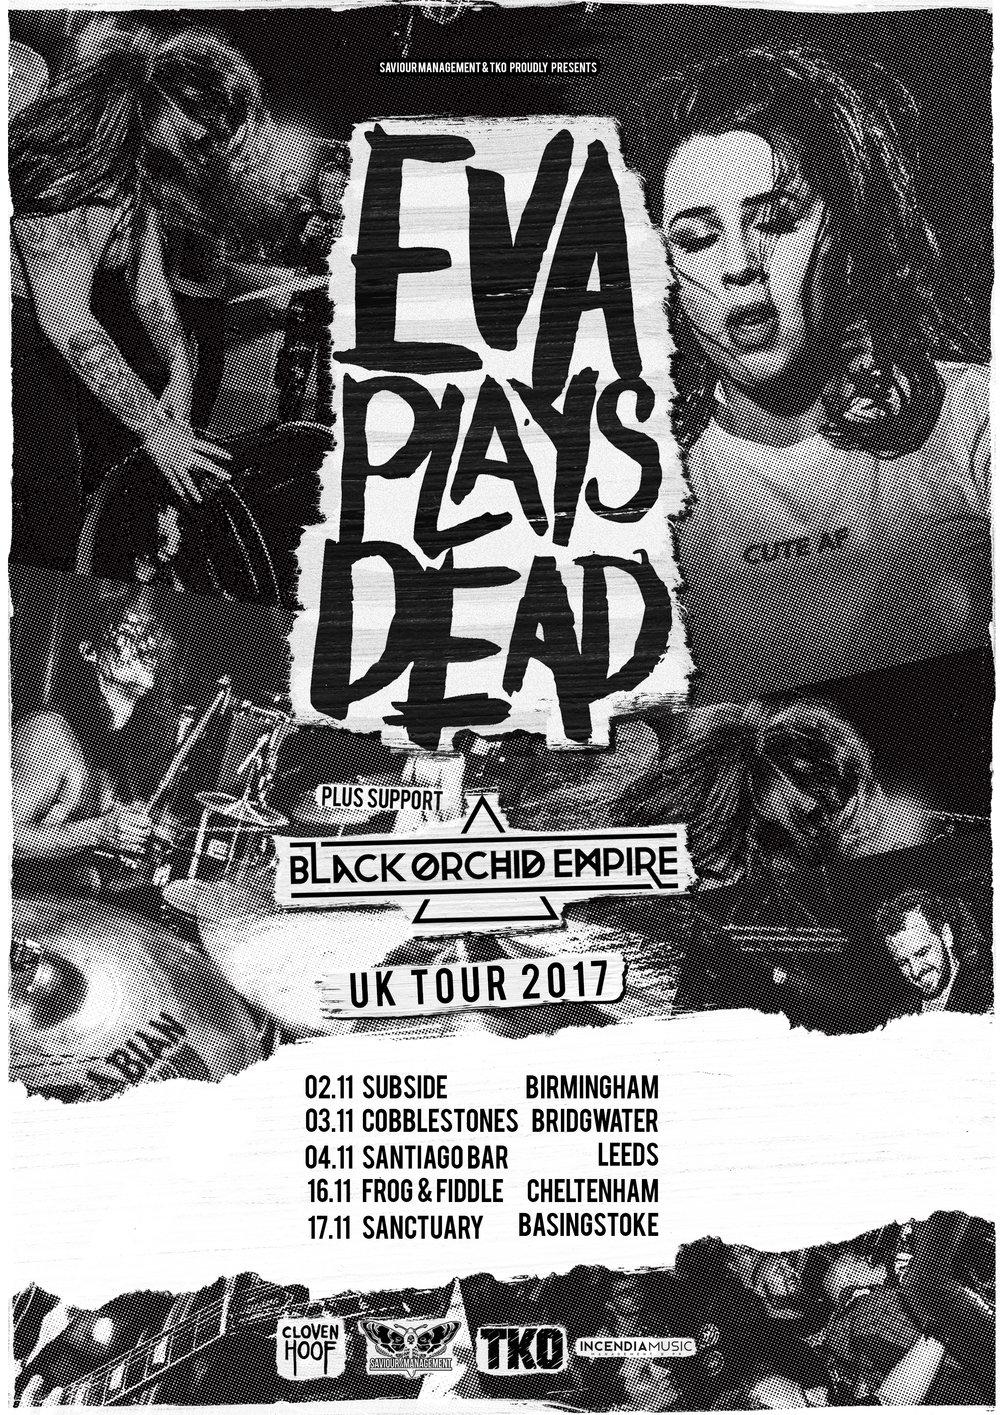 EPD_BOE tour poster.jpg